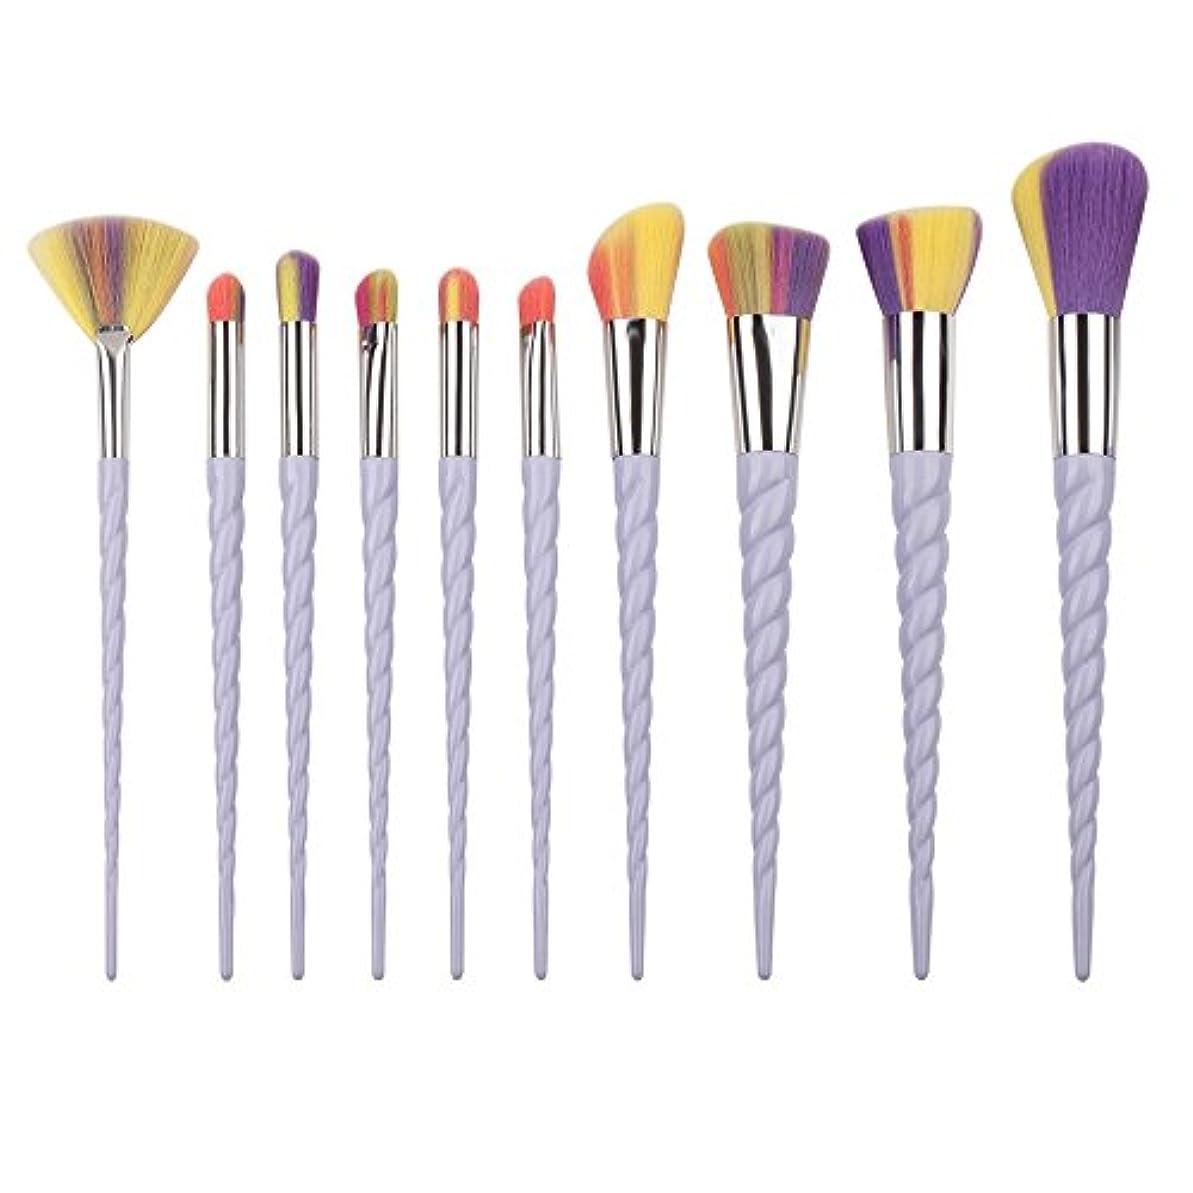 カウンタペスト蜂Dilla Beauty 10本セットユニコーンデザインプラスチックハンドル形状メイクブラシセット合成毛ファンデーションブラシアイシャドーブラッシャー美容ツール (ホワイト-3)